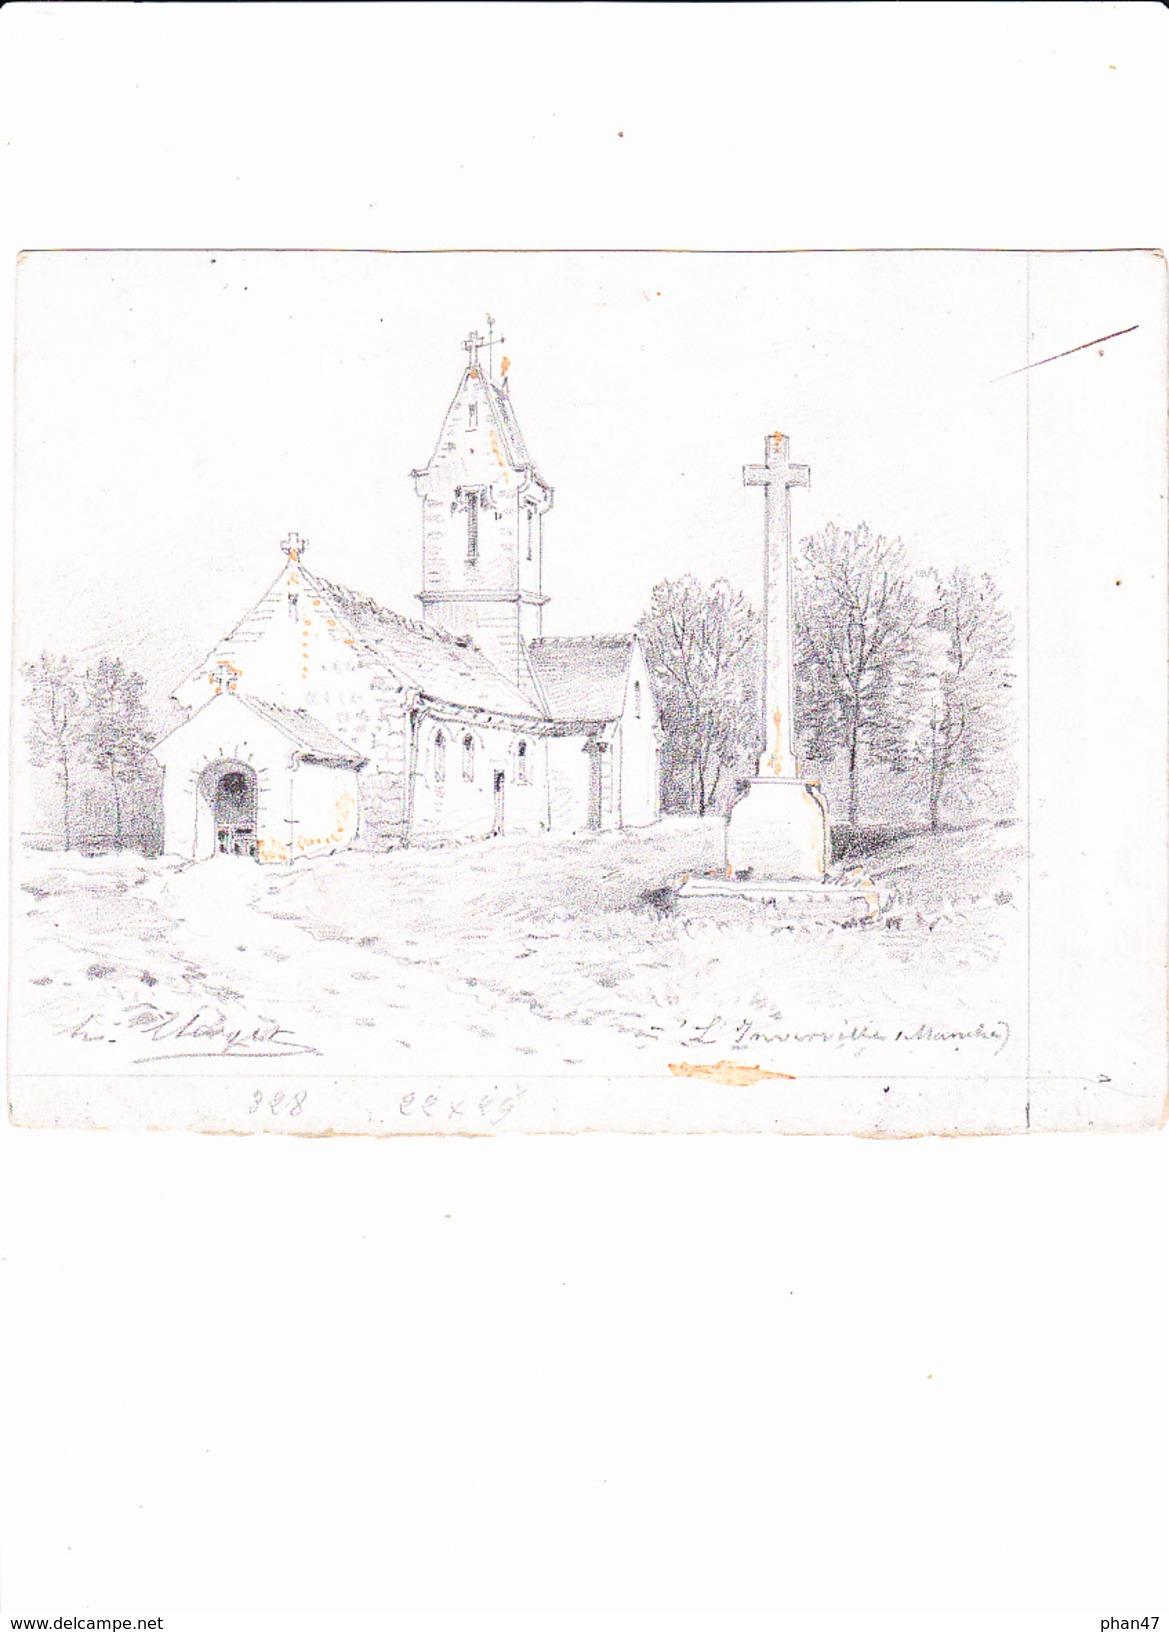 LINVERVILLE - GOUVILLE (Manche), L'Eglise, Dessin Avec Réhauts De Gouache, De Hubert CLERGET Vers 1893 - Dessins